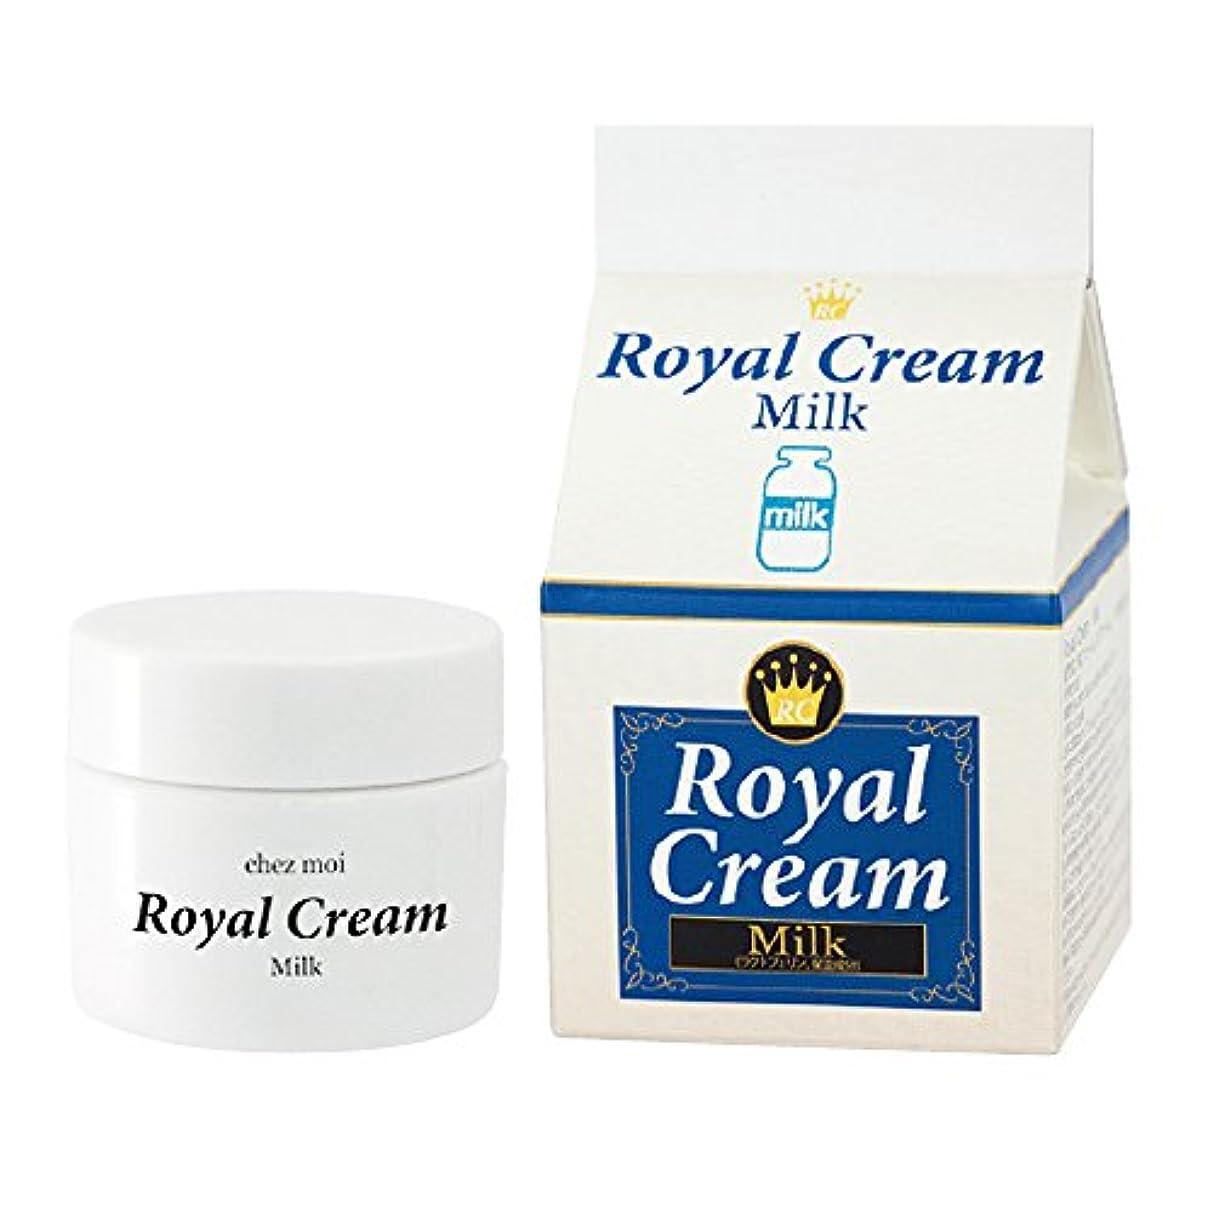 ブリーフケース間やりすぎRoyal Cream(ロイヤルクリーム) Milk(ミルク) 30g